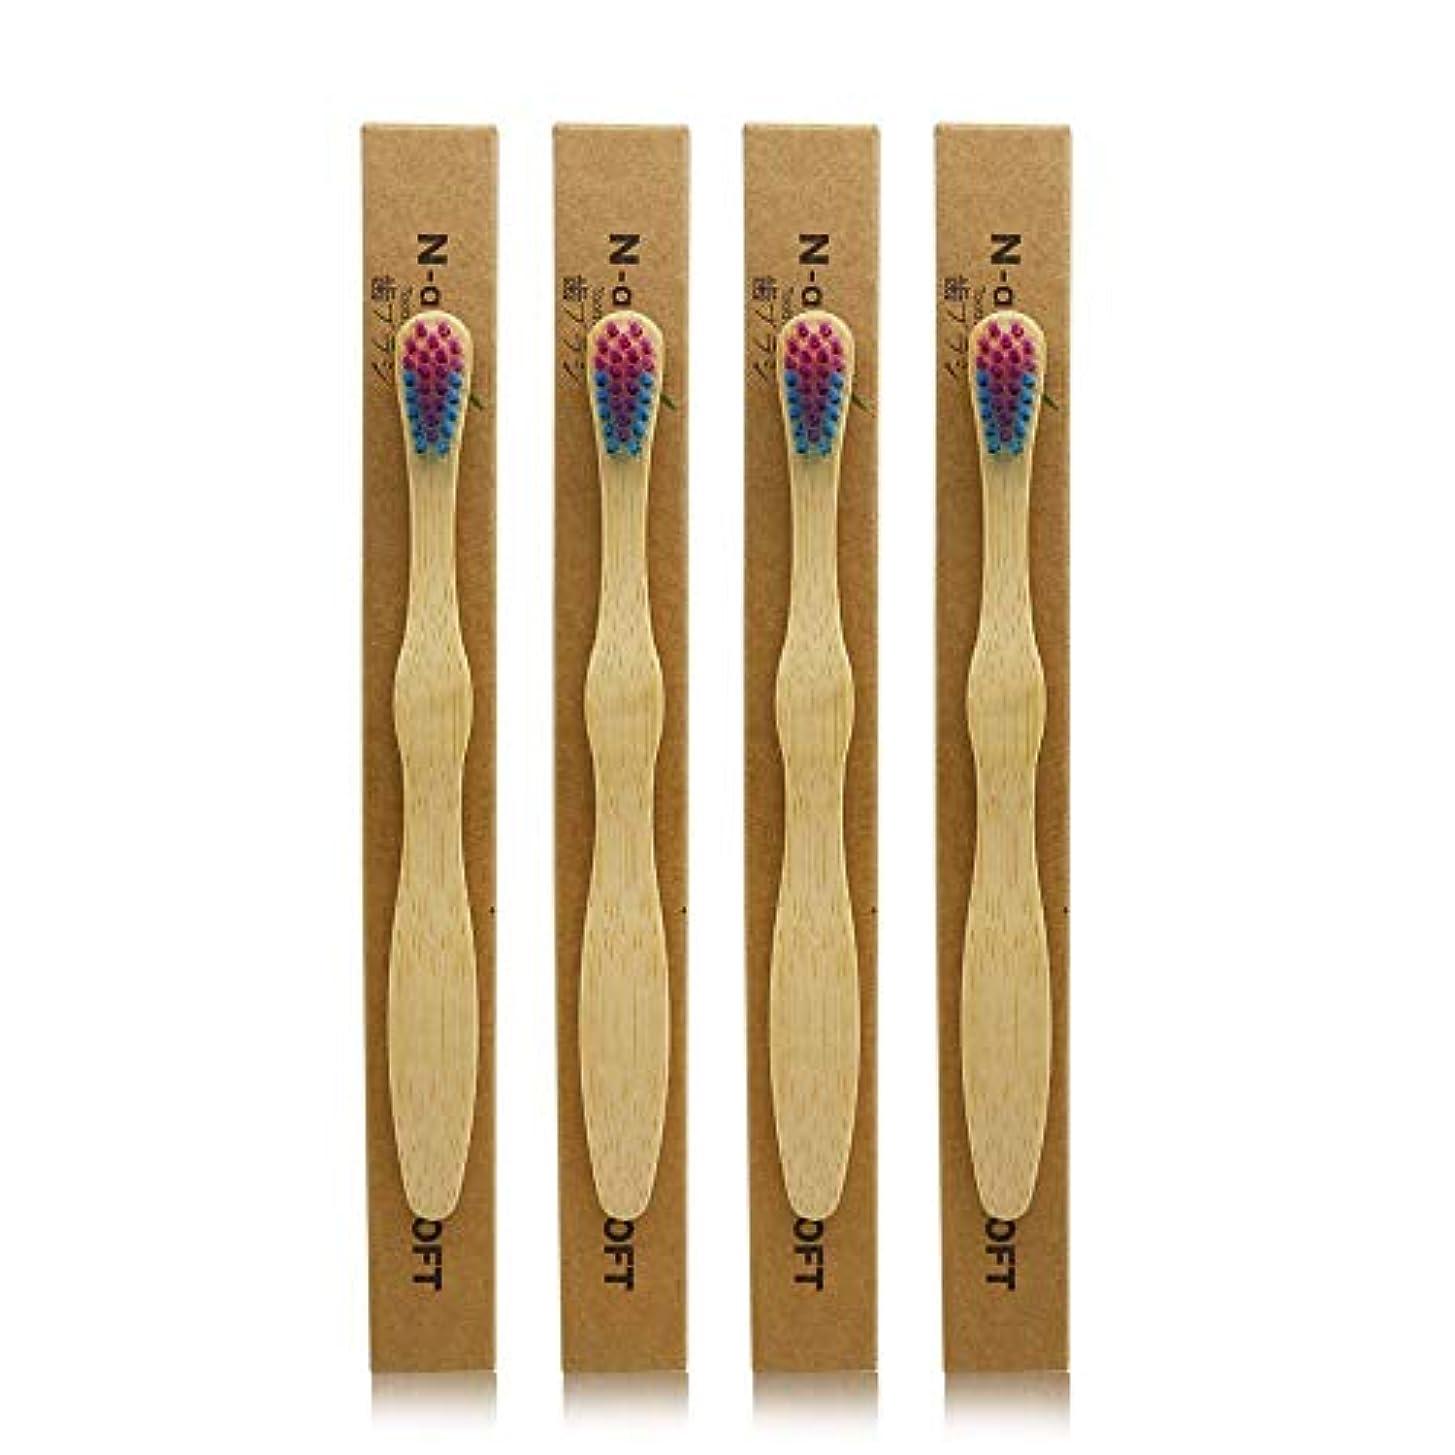 縞模様の不良援助するN-amboo 竹製耐久度高い 子供 歯ブラシ エコ 4本入り セット むらさきいろ